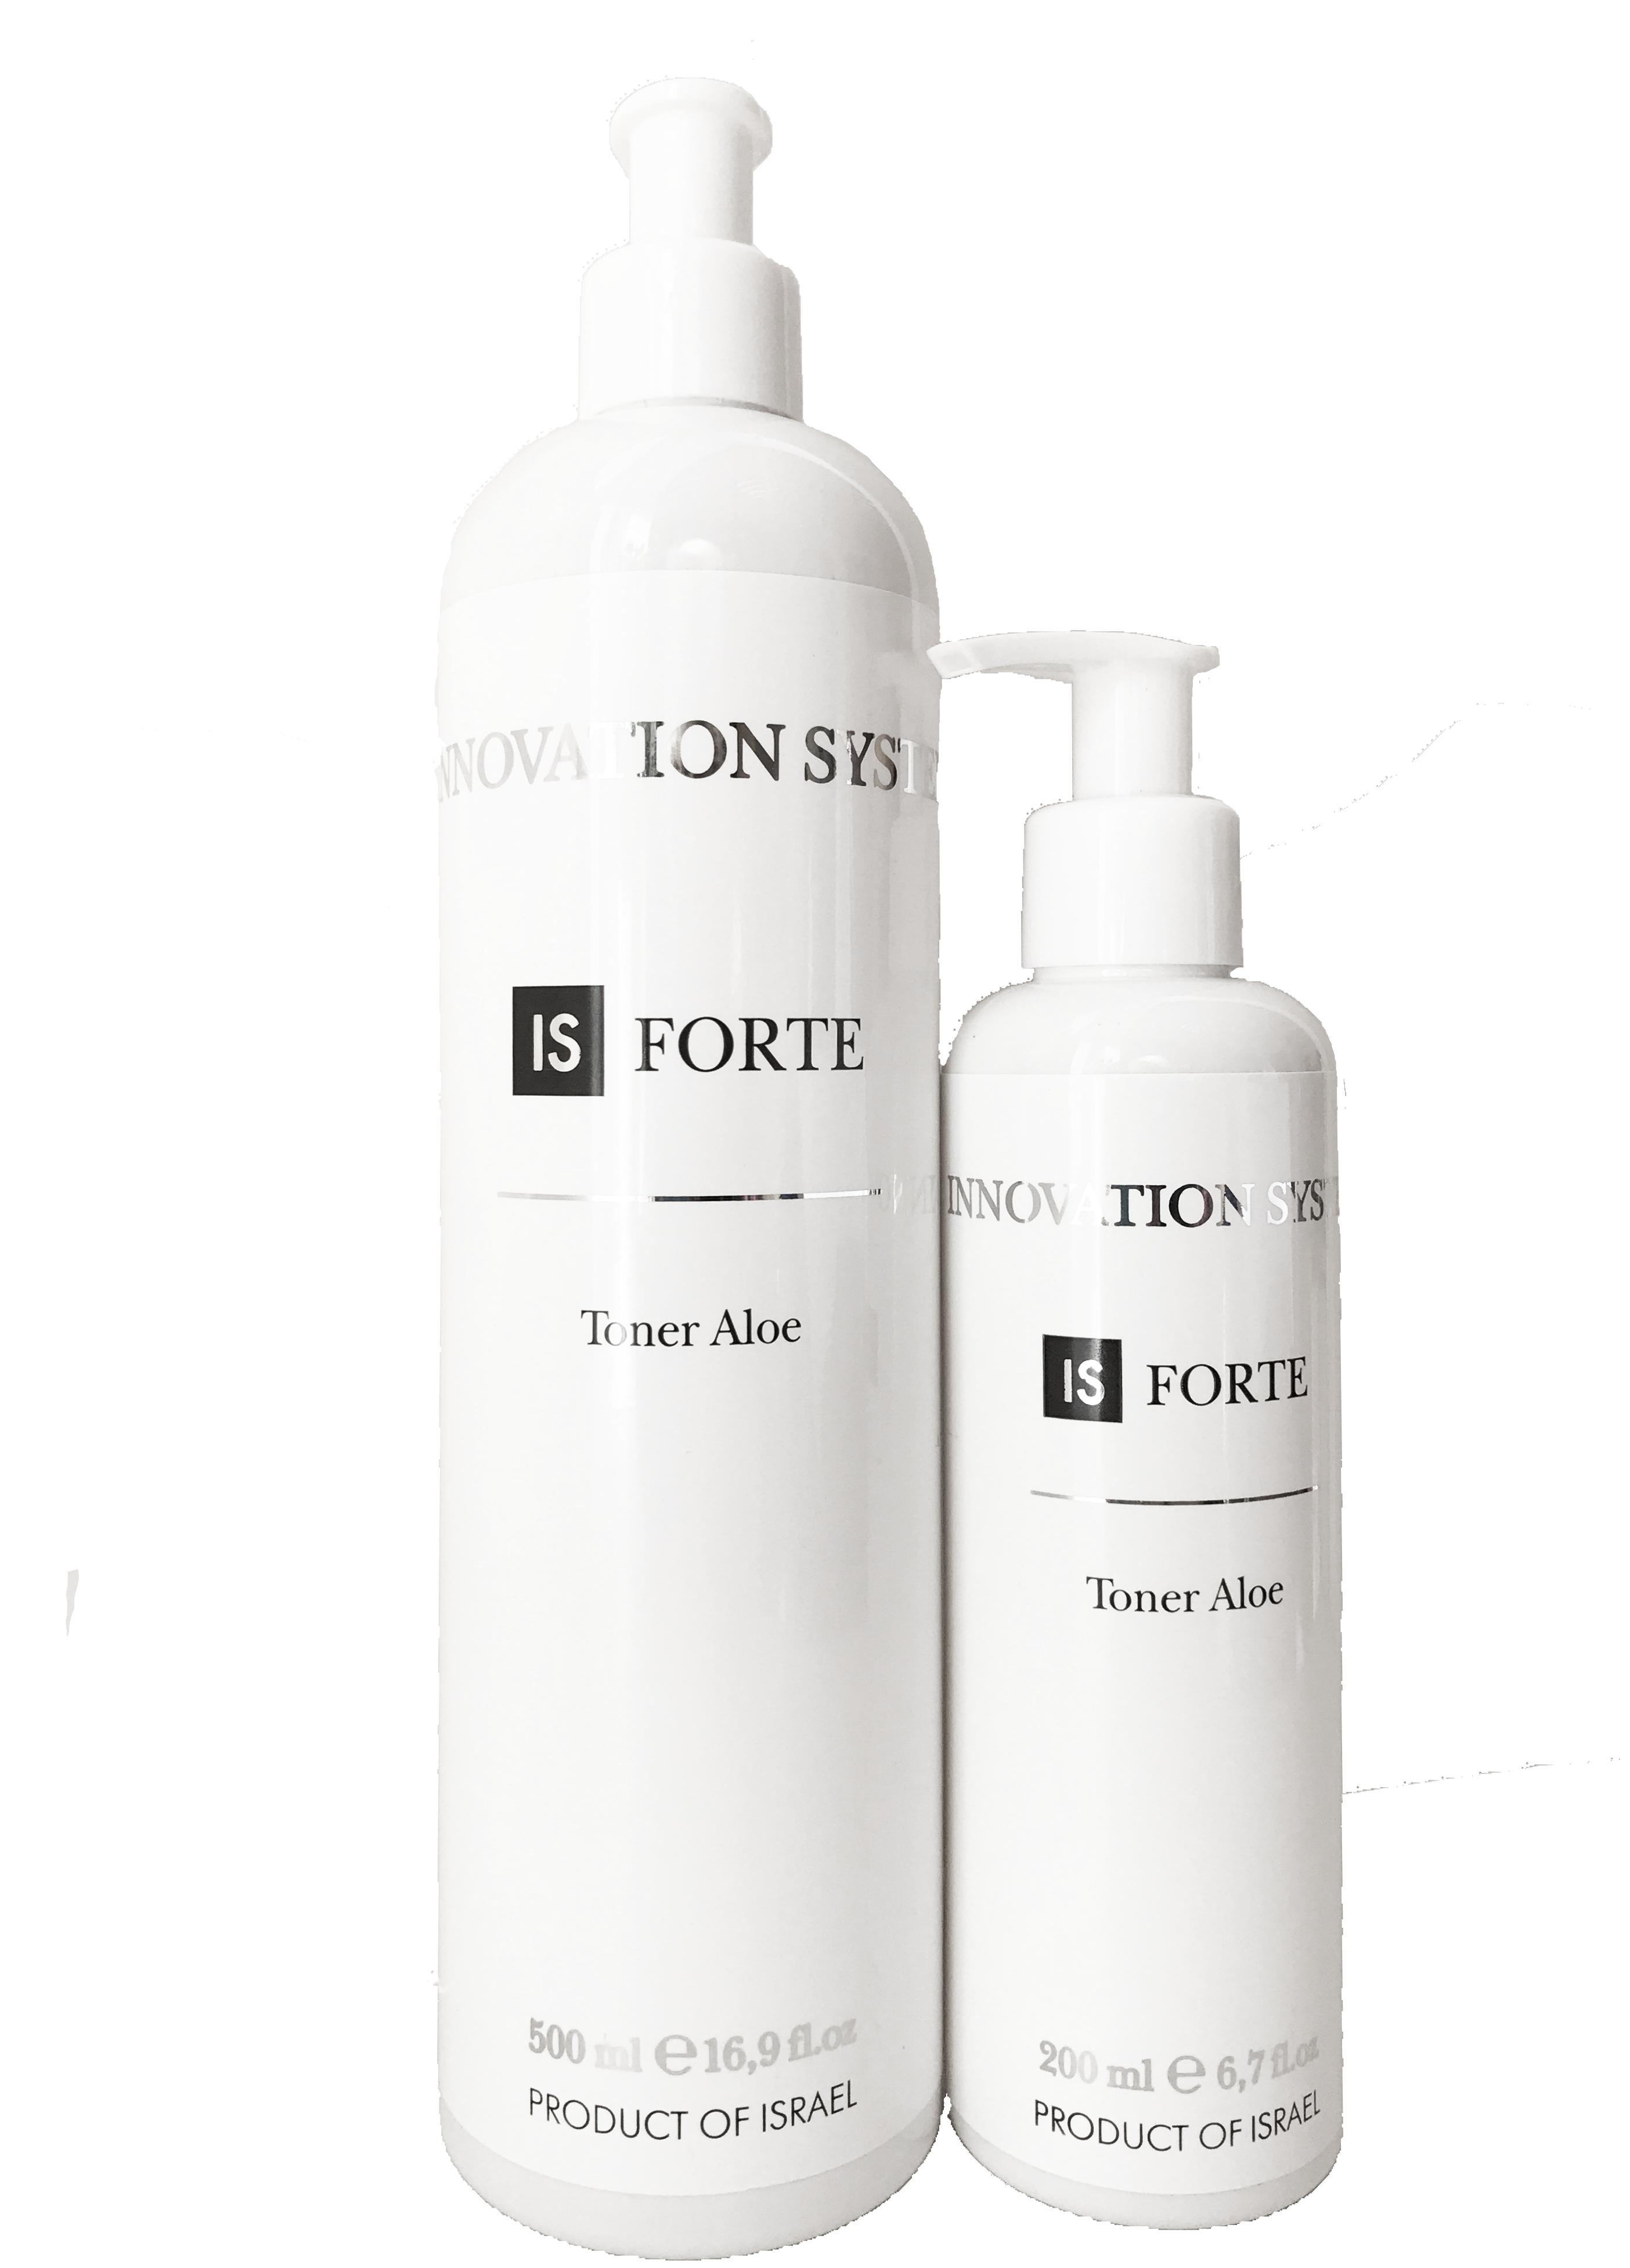 Тоник Алоэ Forte «Toner Aloe»